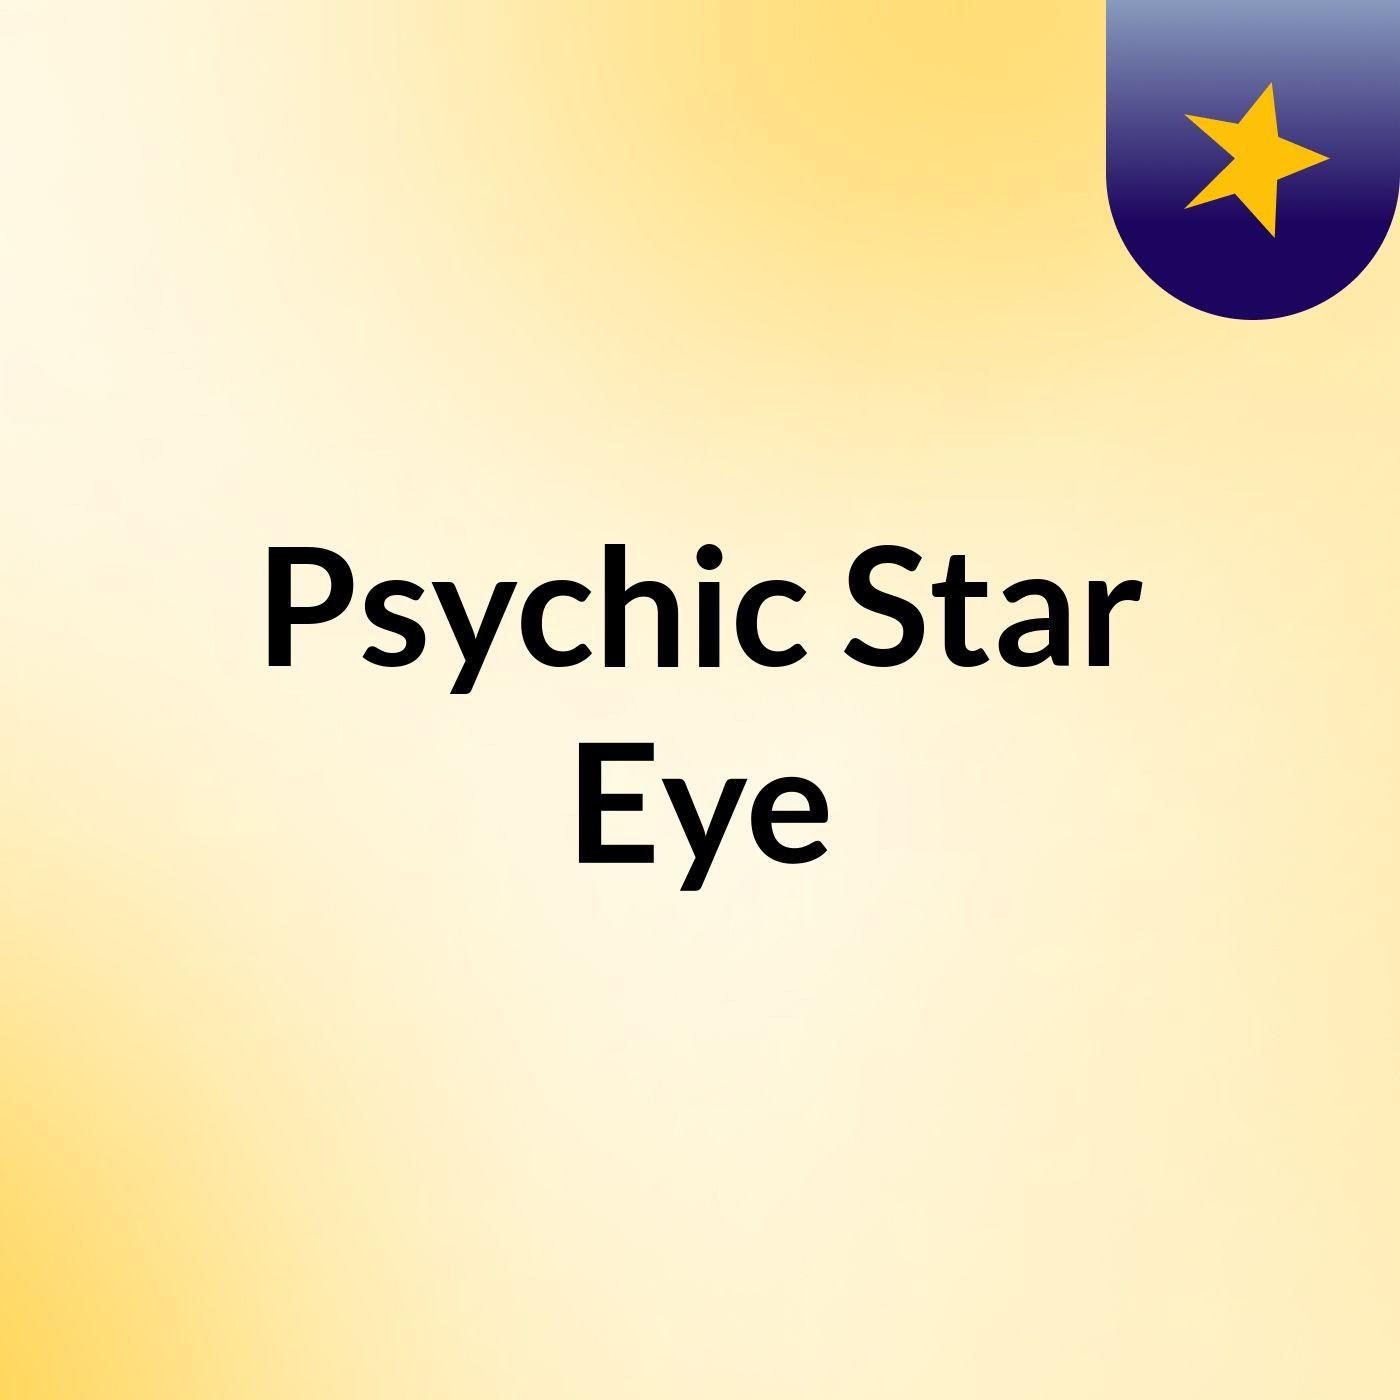 Psychic Star Eye